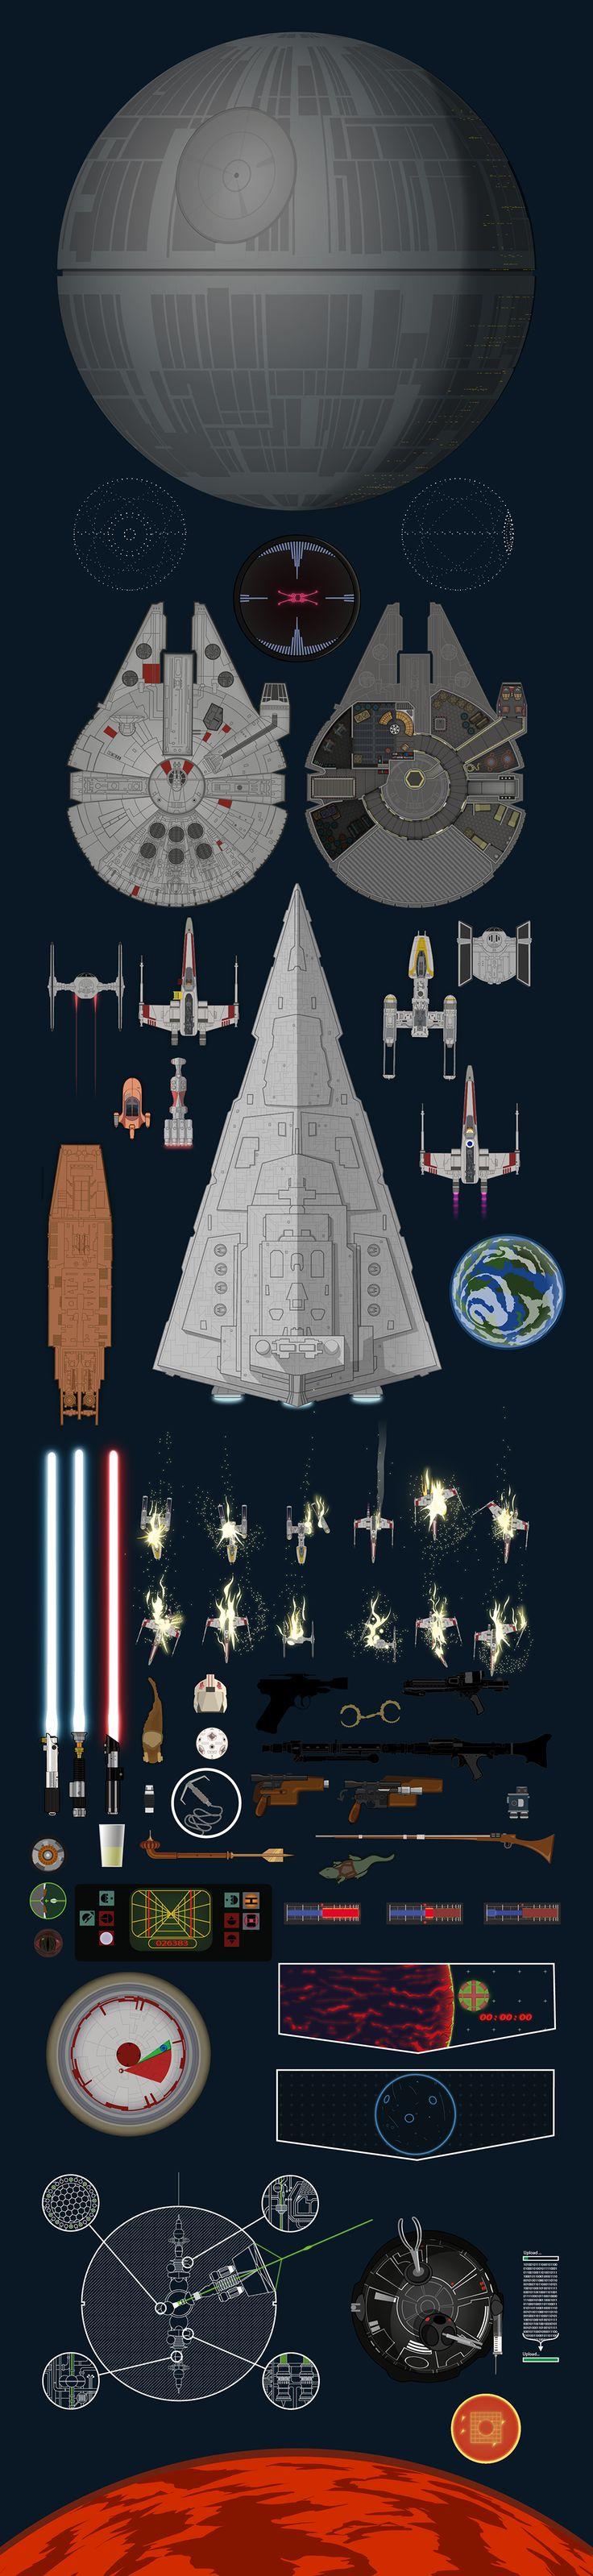 L'illustrateur Martin Panchaud a re-raconté toute l'histoire de Star Wars: A New Hope grâce à une impressionnante frise verticale de 465 152 pixels de long qui reprend toutes les péripéties de l'histoire, tous les dialogues et toutes les informations sur les vaisseaux et les personnages nécessaires à la compréhension du récit. Si on imprimait les …